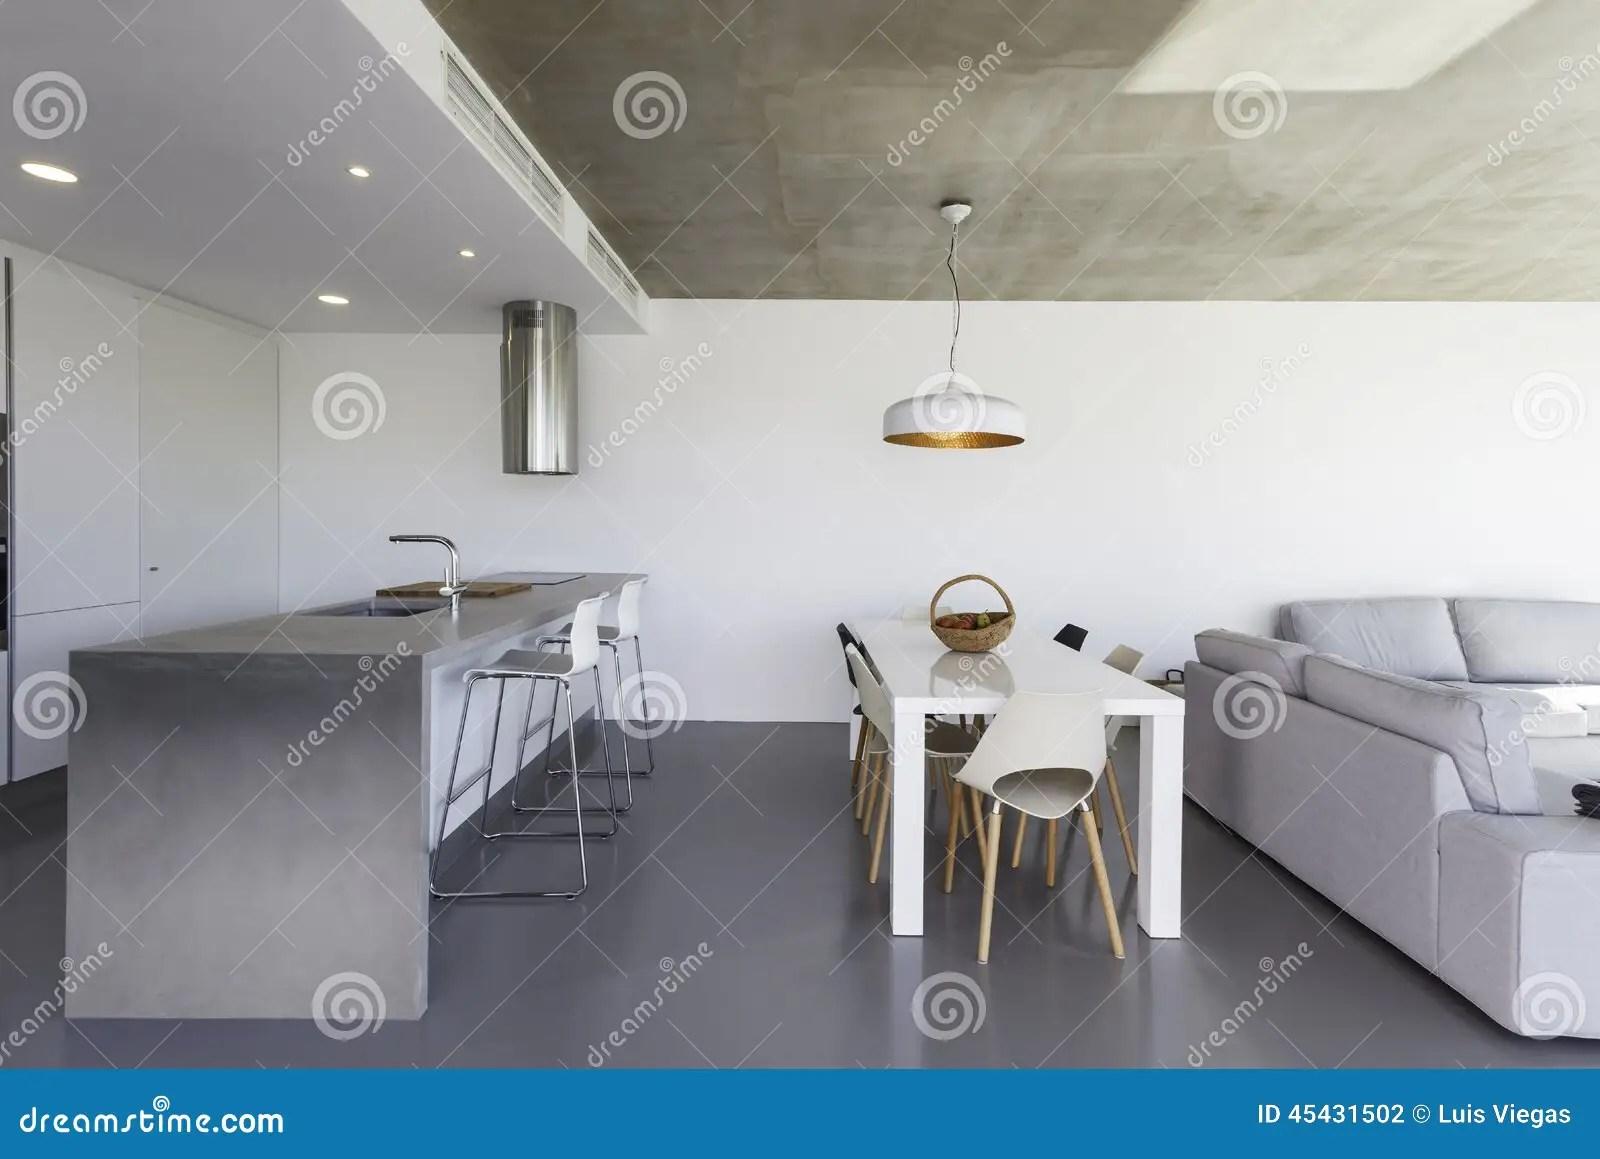 Cucina moderna grigio scuro e bianco cucina moderna bianca e grigia